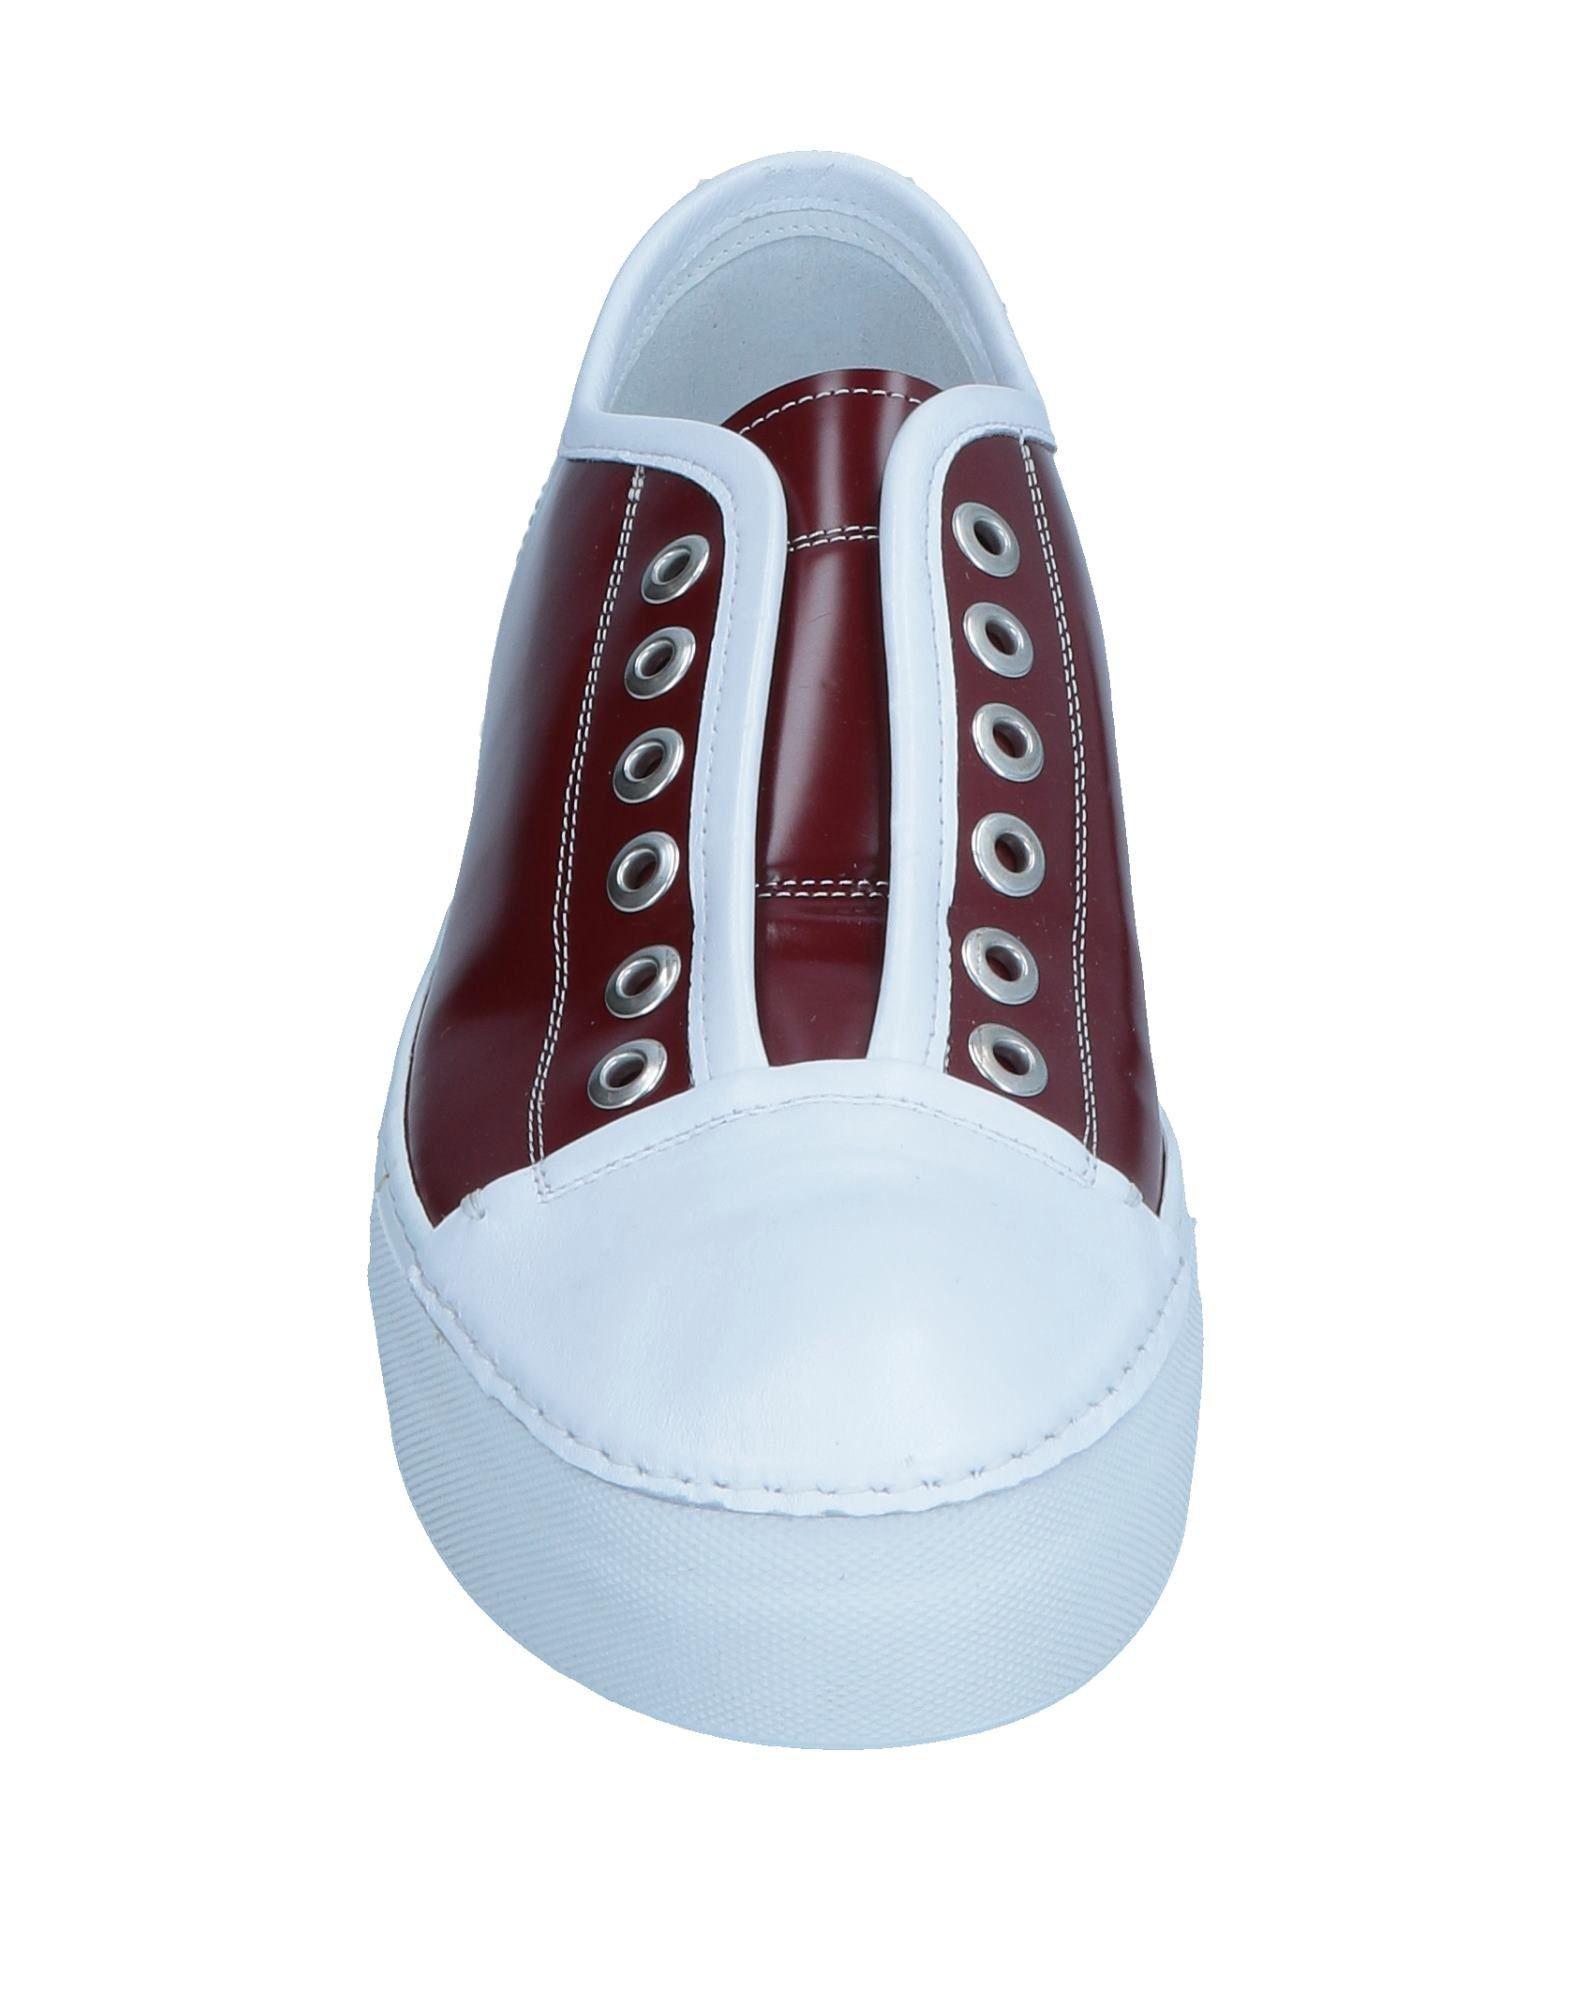 Rocco P. Sneakers Herren beliebte  11553802ND Gute Qualität beliebte Herren Schuhe f34032